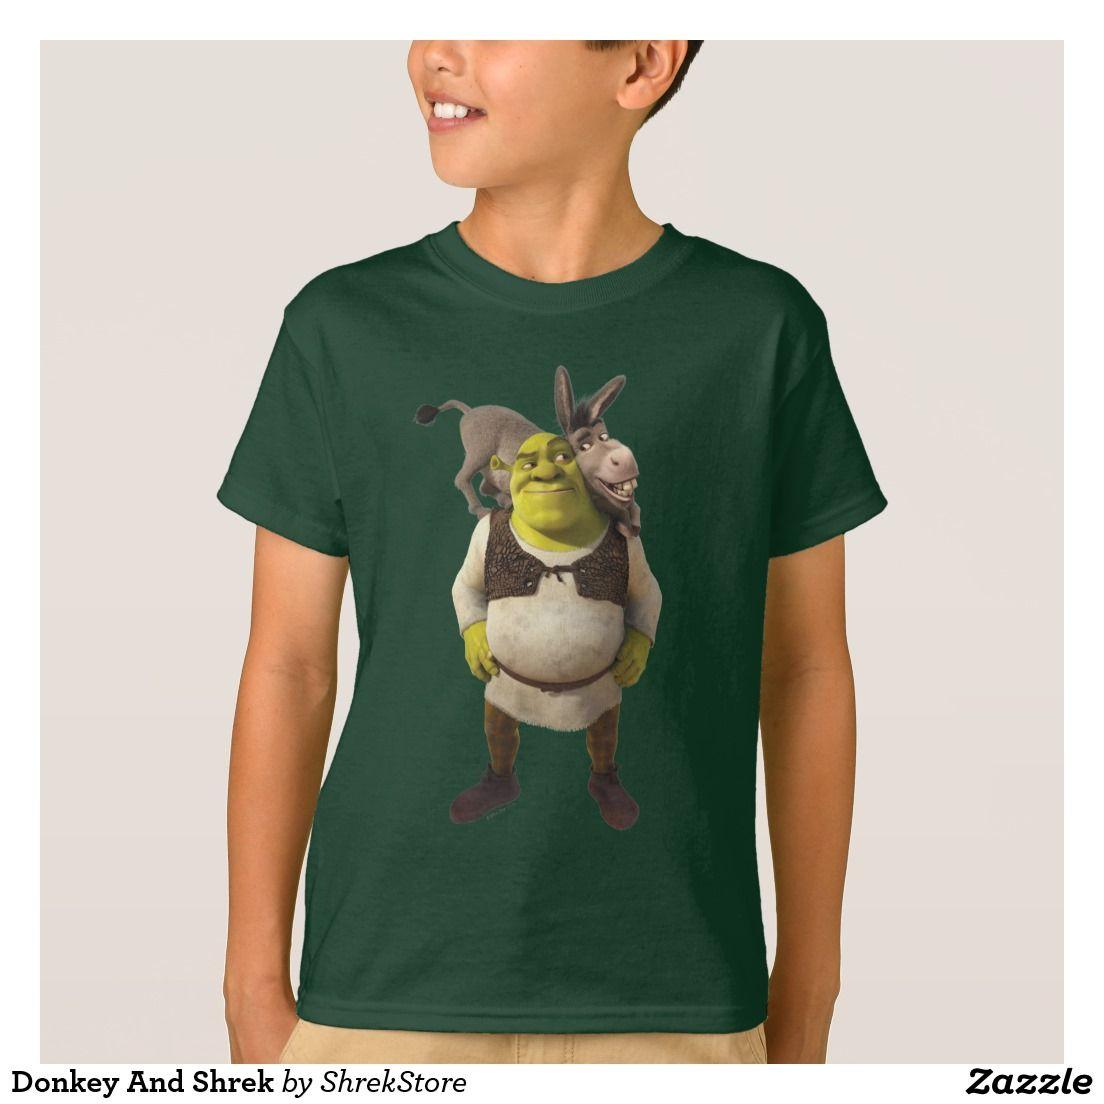 84894634e Donkey And Shrek T-Shirt   Zazzle.com   Shrek Everything   Shirts ...